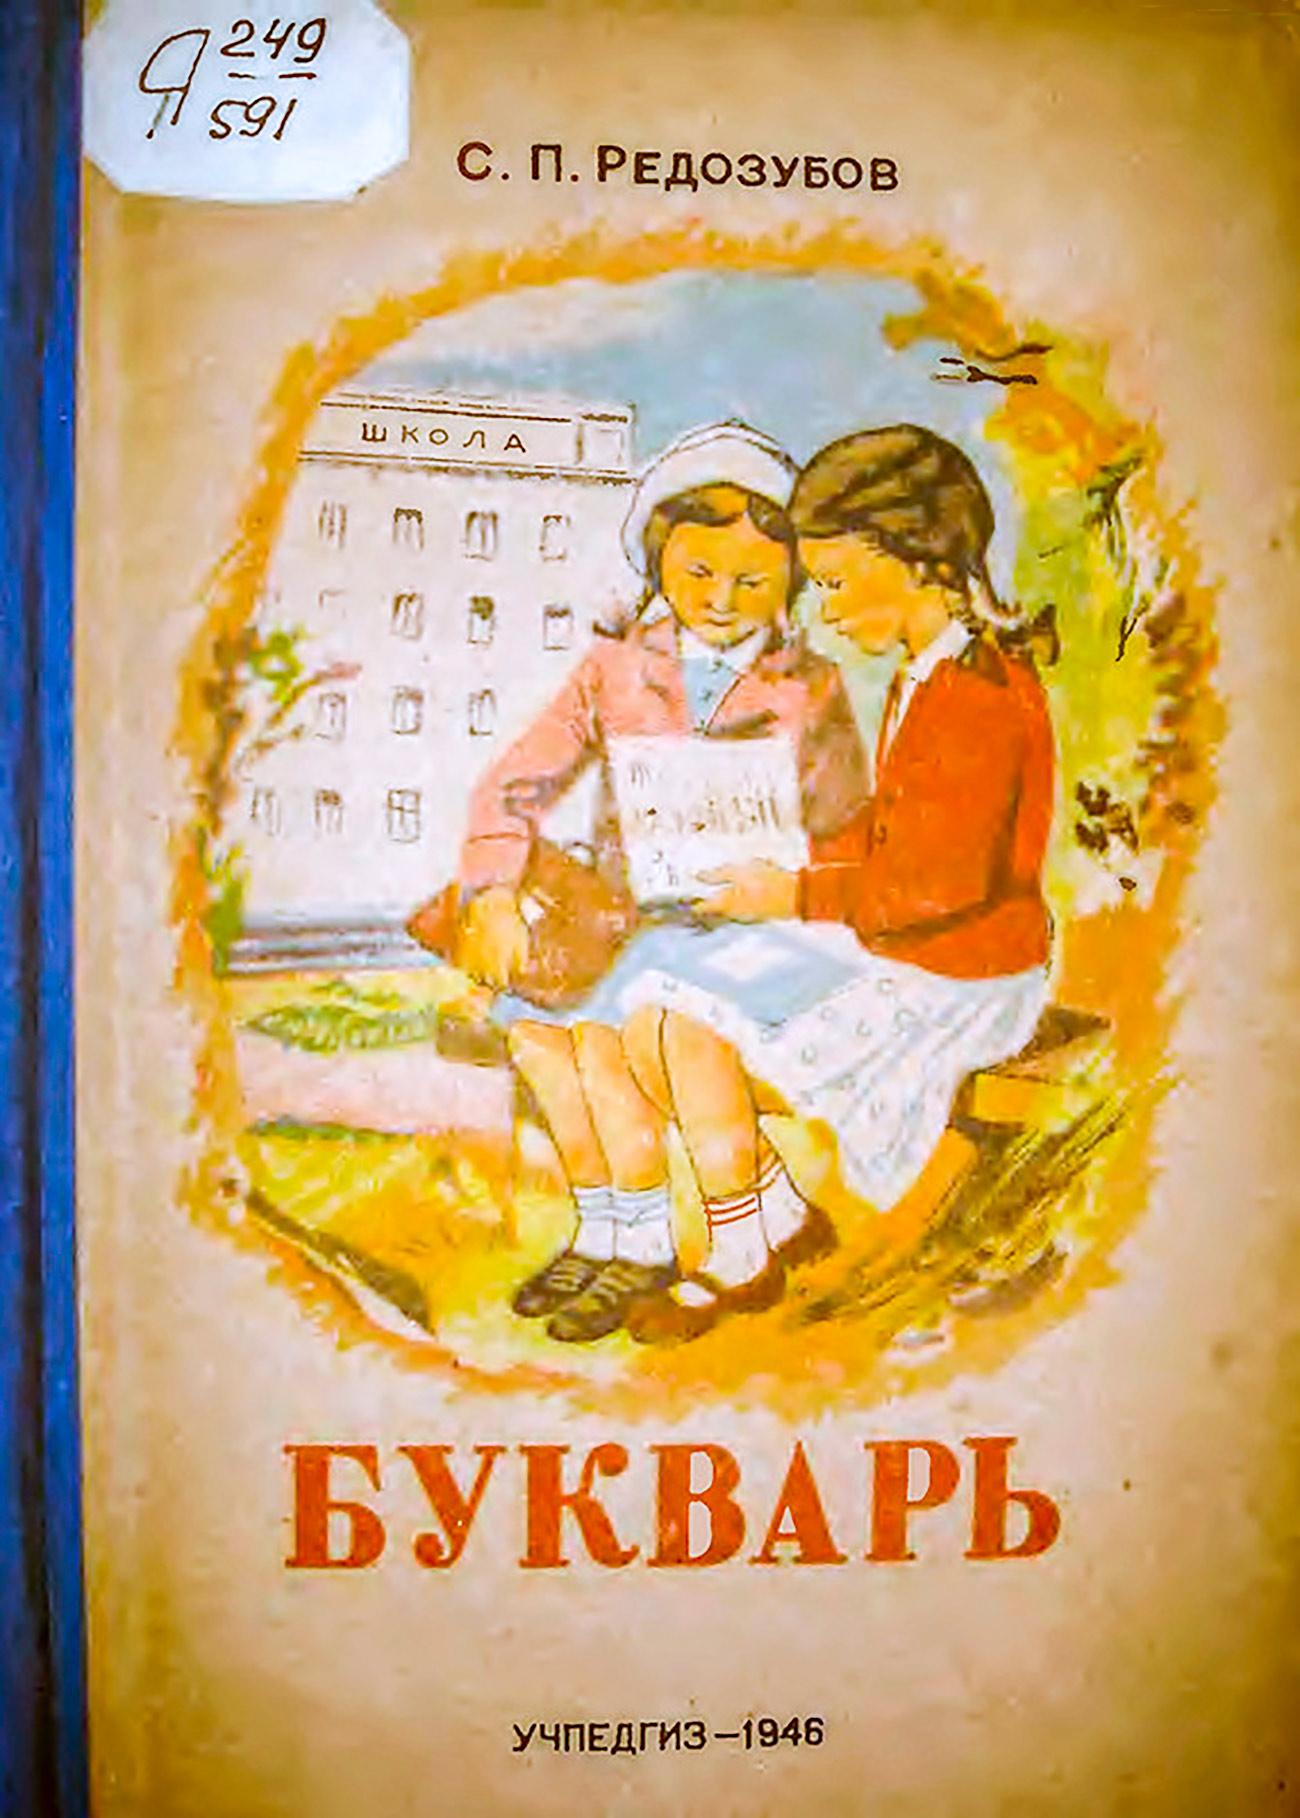 Буквар Сергеја Редозубова. Извор: Архив